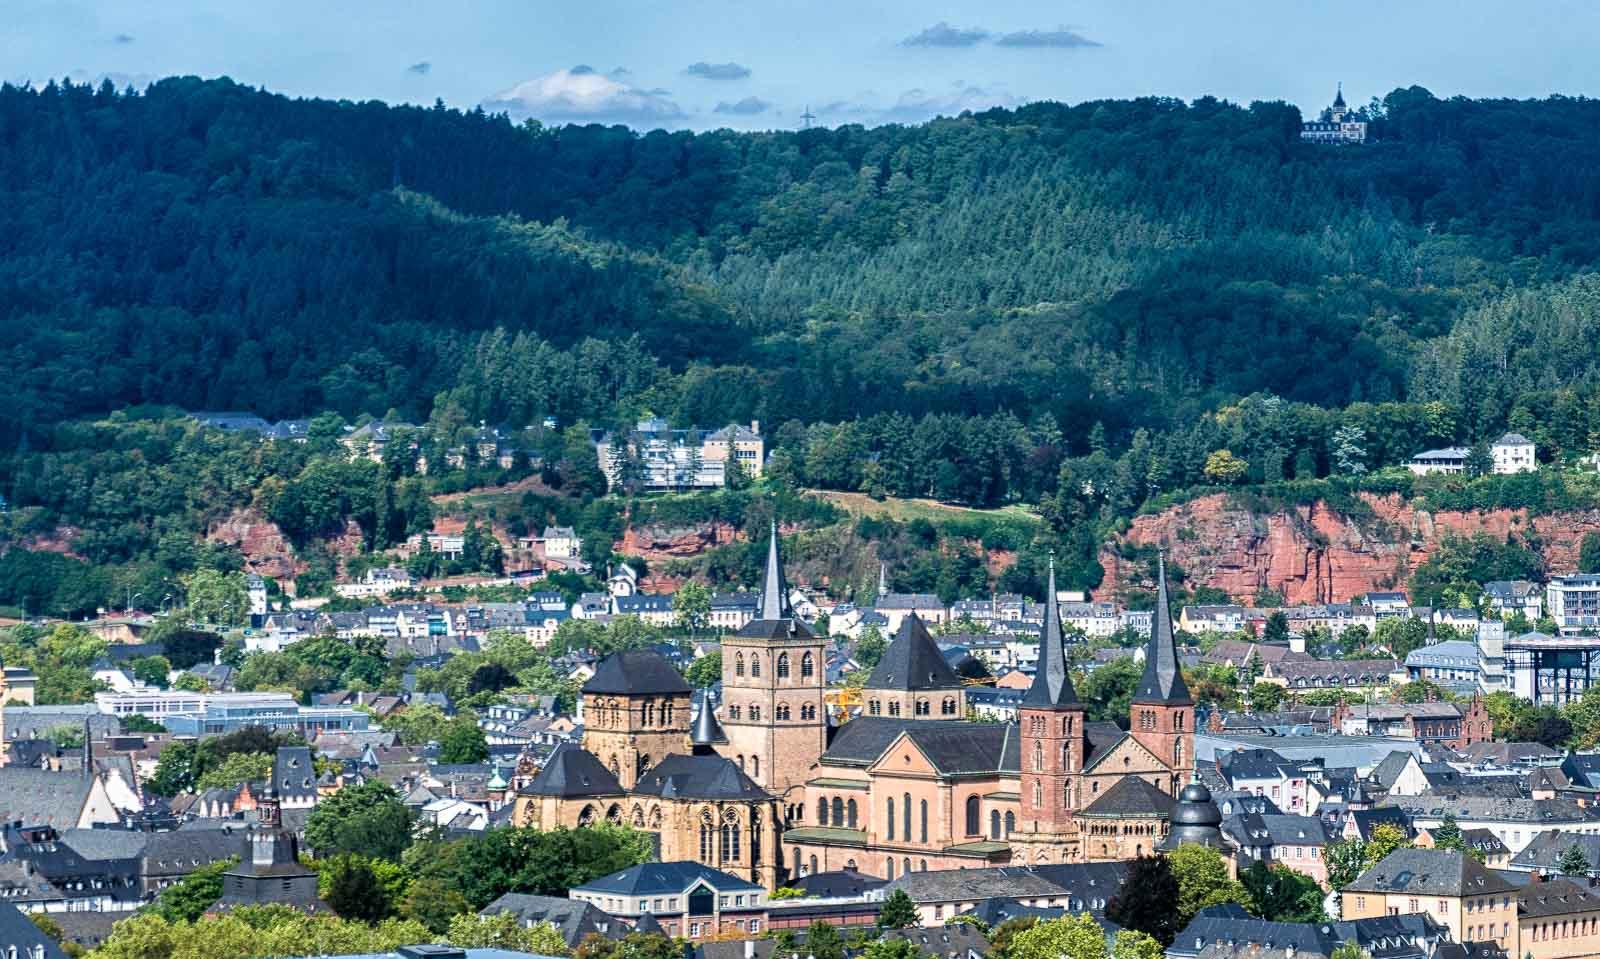 Der Trierer Dom zeugt von der mittelalterlichen Macht des Kurfürstentums und des Bistums